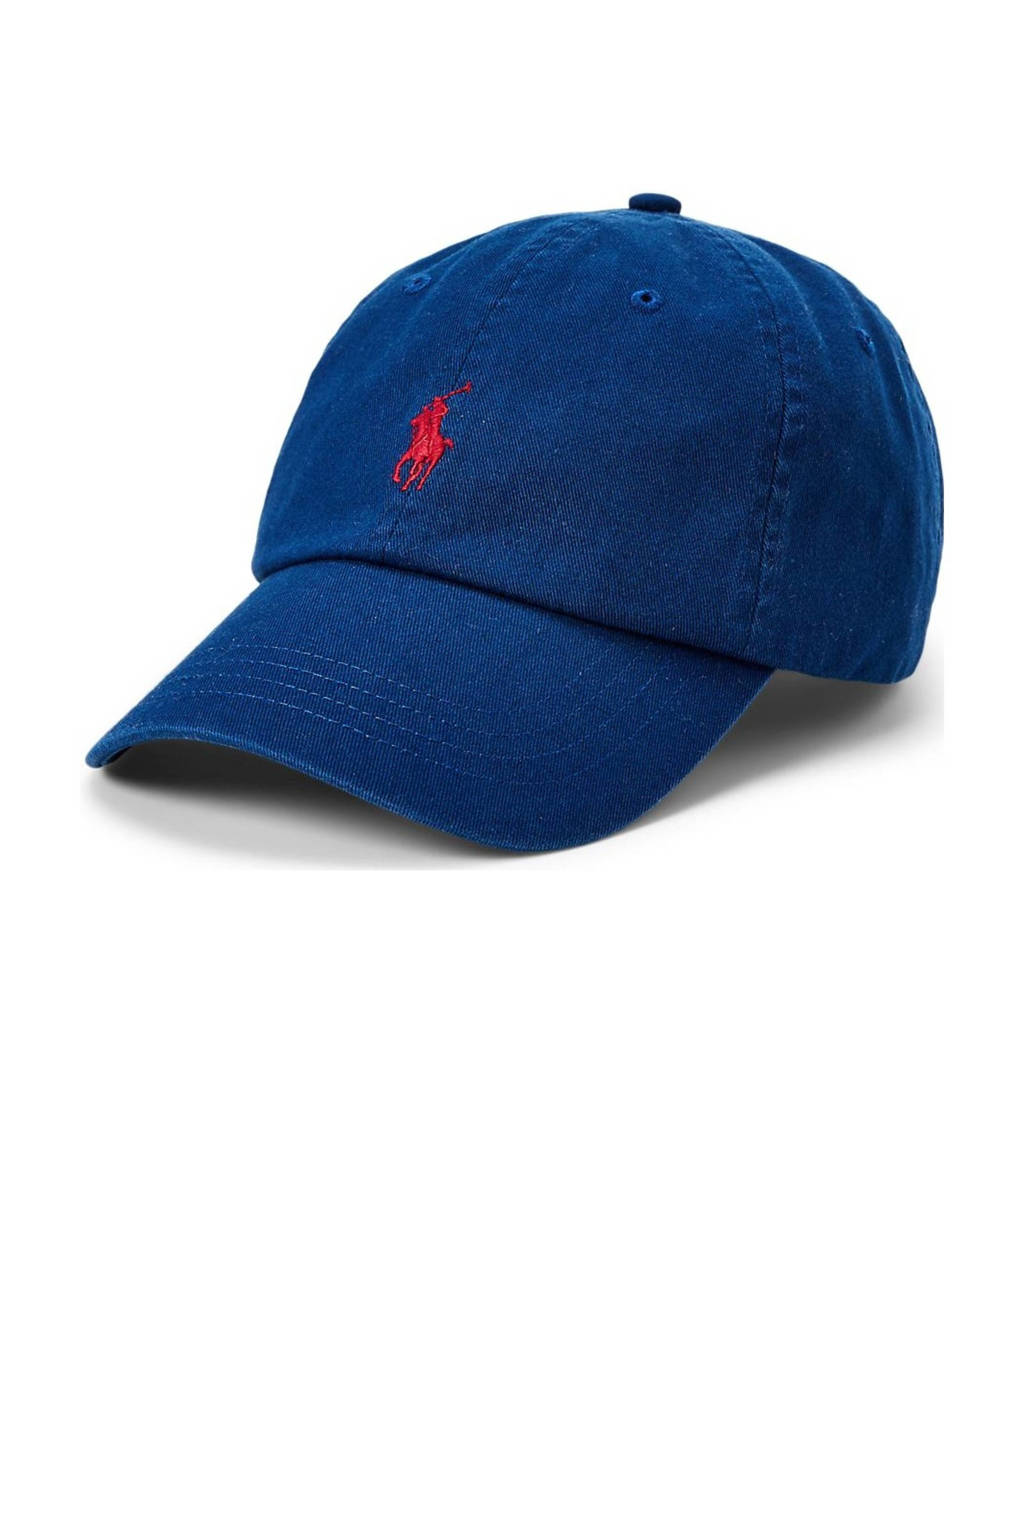 Ralph Lauren pet CLS SPRT CAP  blauw, Blauw